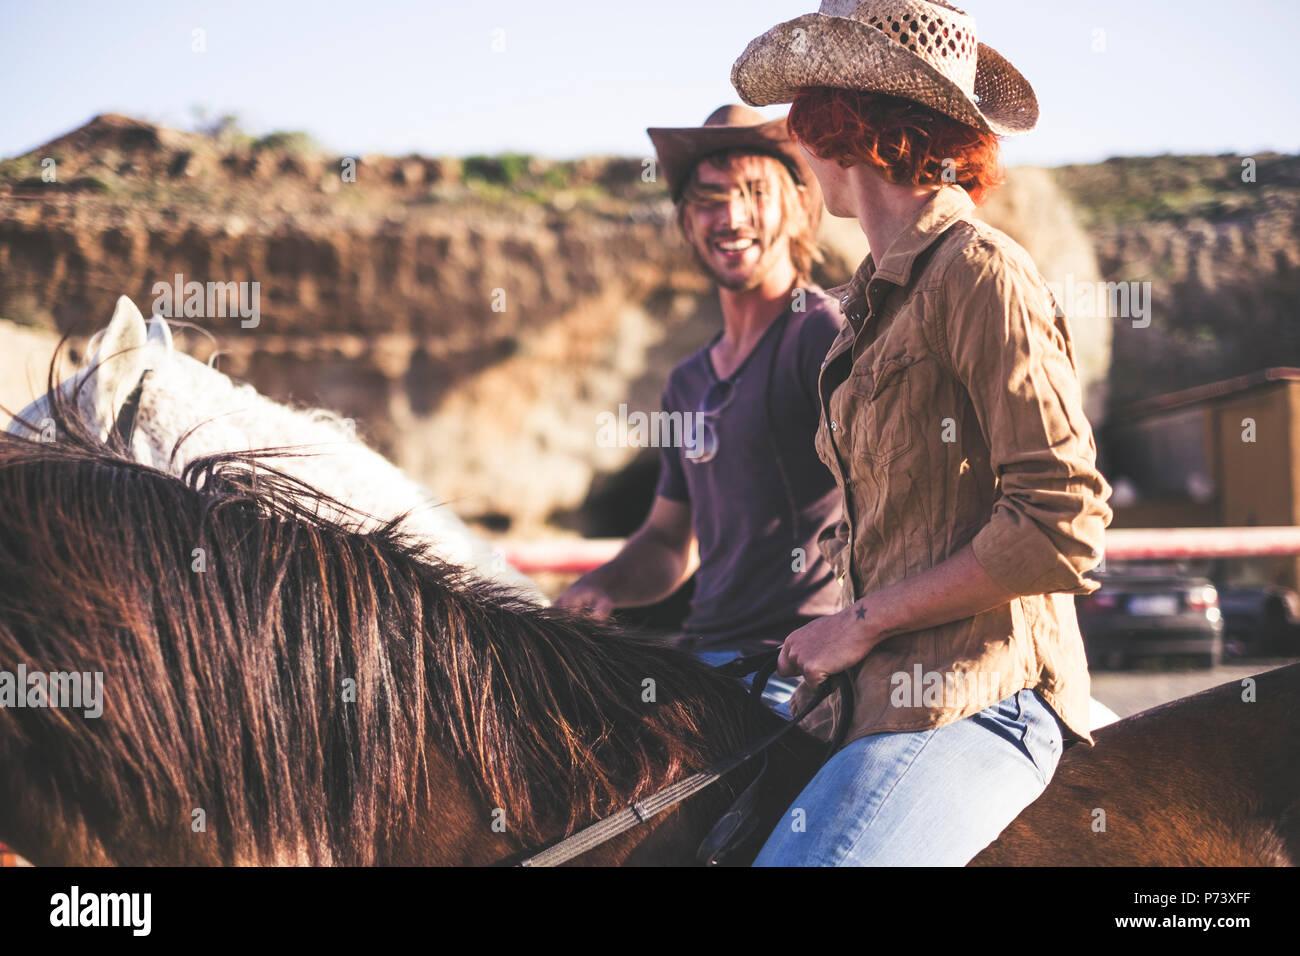 Paar Leute und ein paar Pferde haben freizeitaktivität zusammen in die Landschaft. modernen Lebensstil, der aus dem Amt und natürliche Art und Weise zu leben und en Stockbild